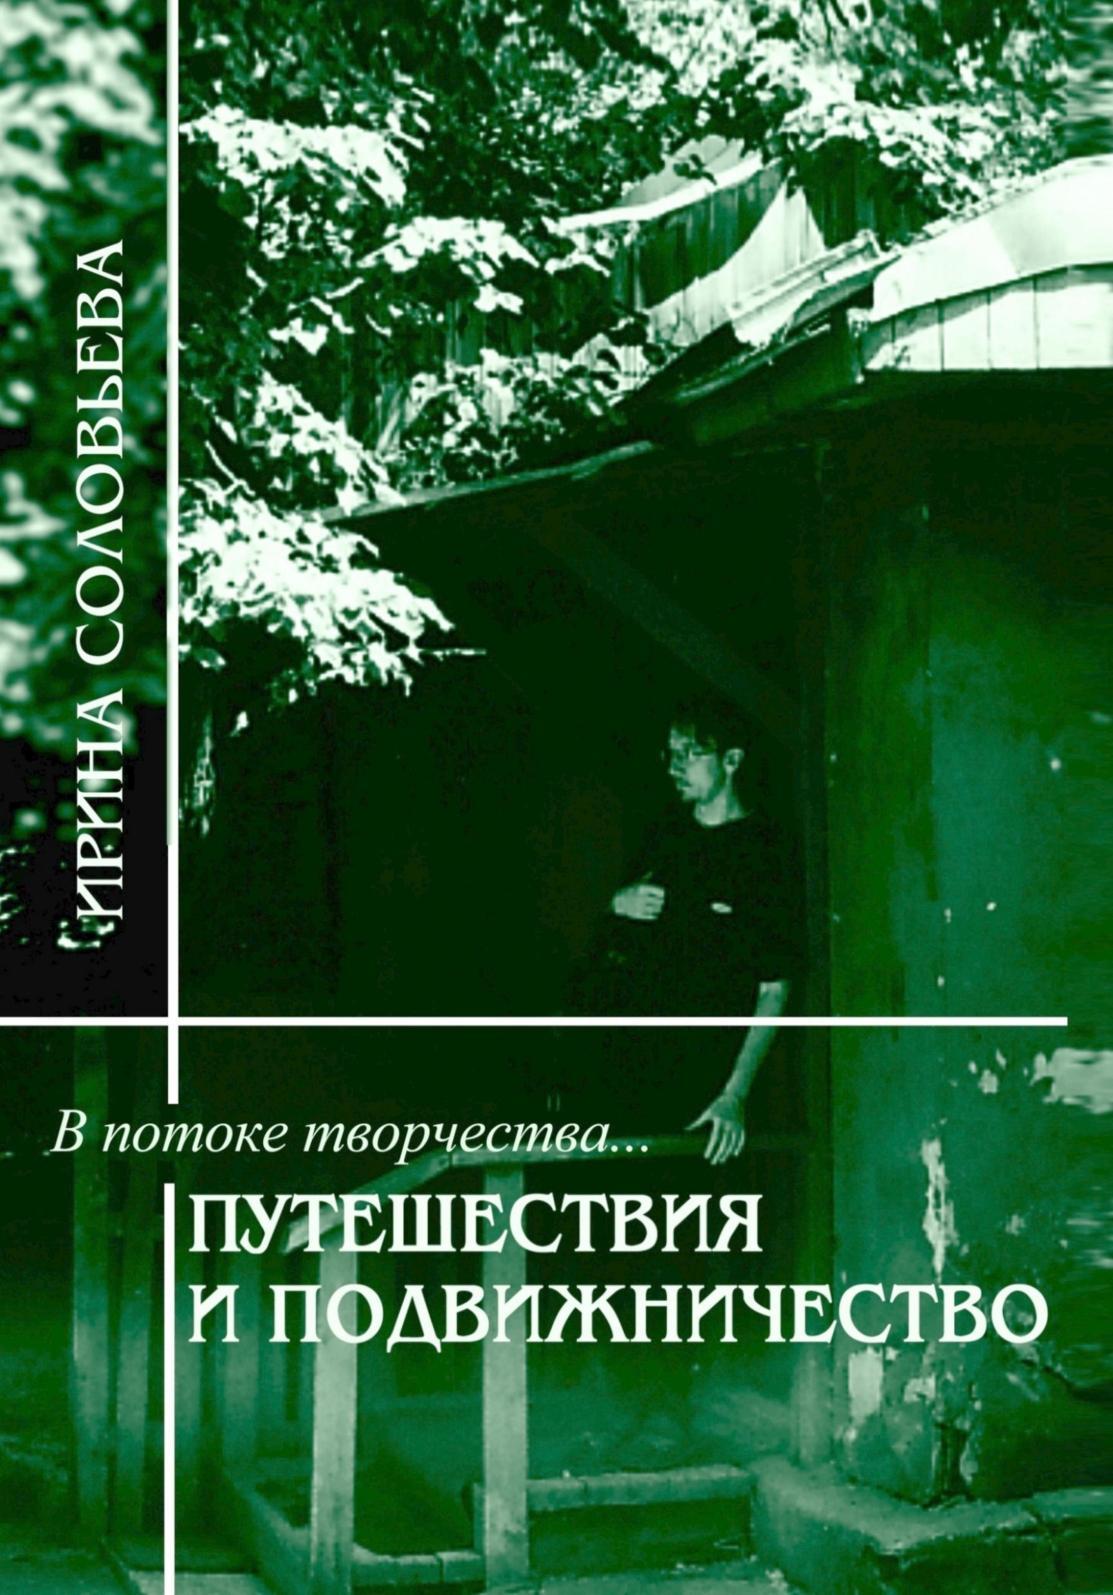 Секс С Рут Уилсон – Сериал Любовники (2014)